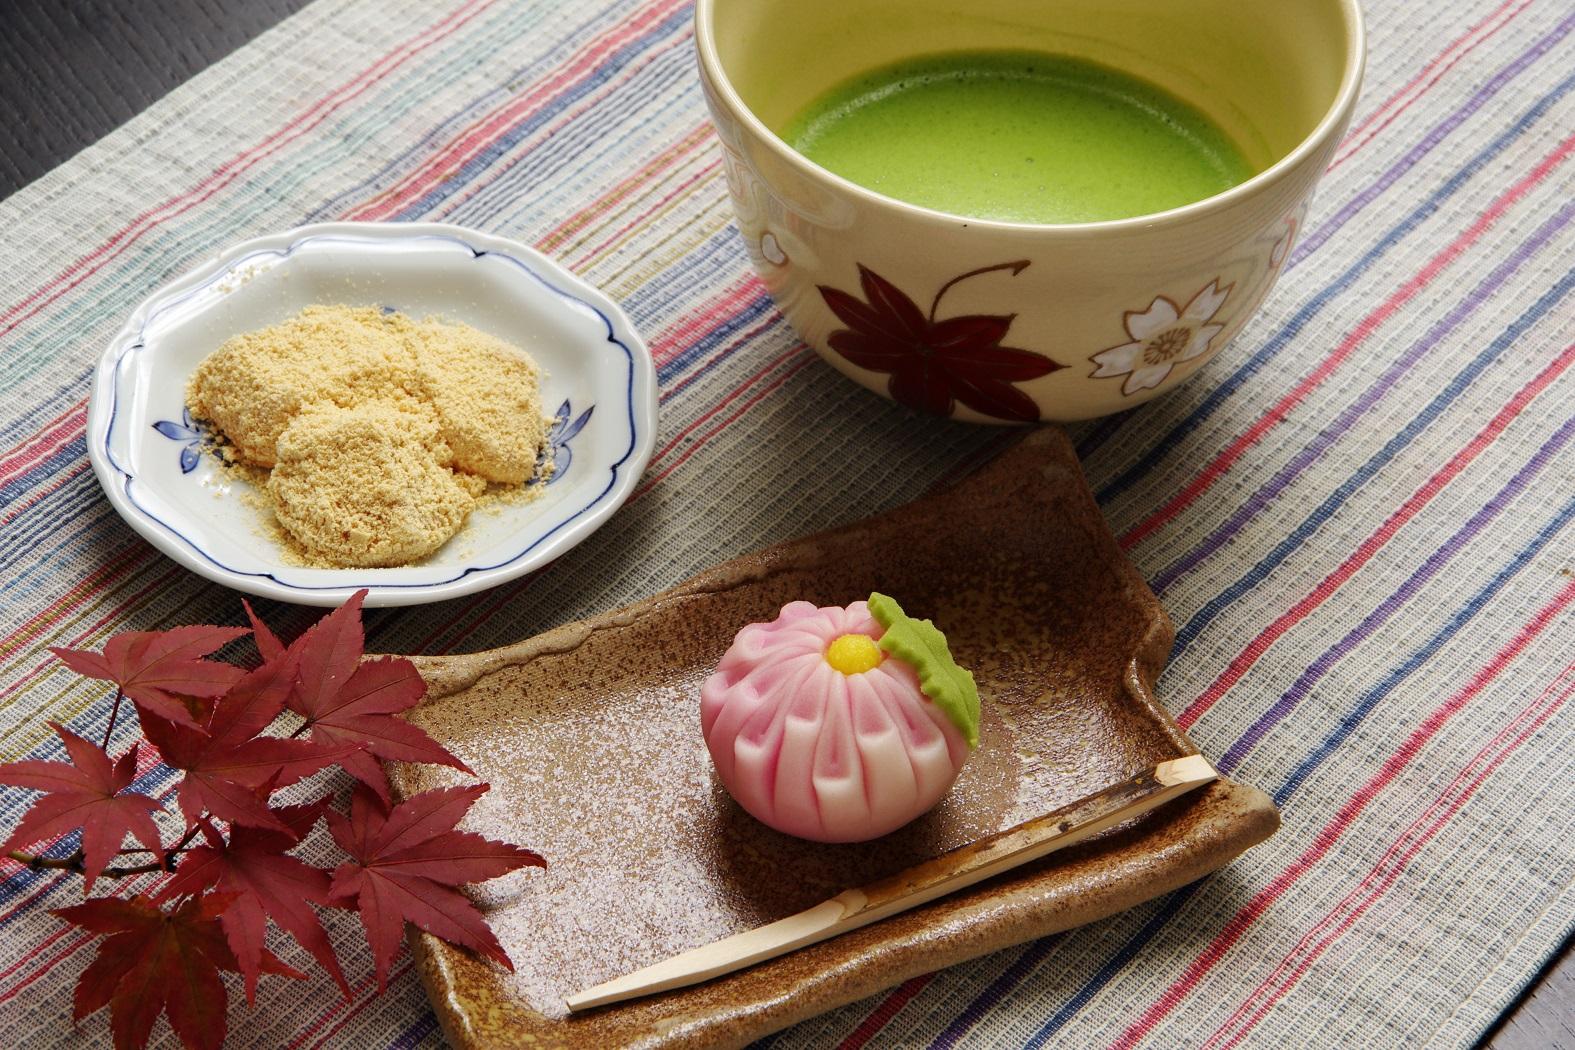 敬老の日、まだ贈るものを決めてないなら「福屋」さんで上品な和菓子を選ぼ!